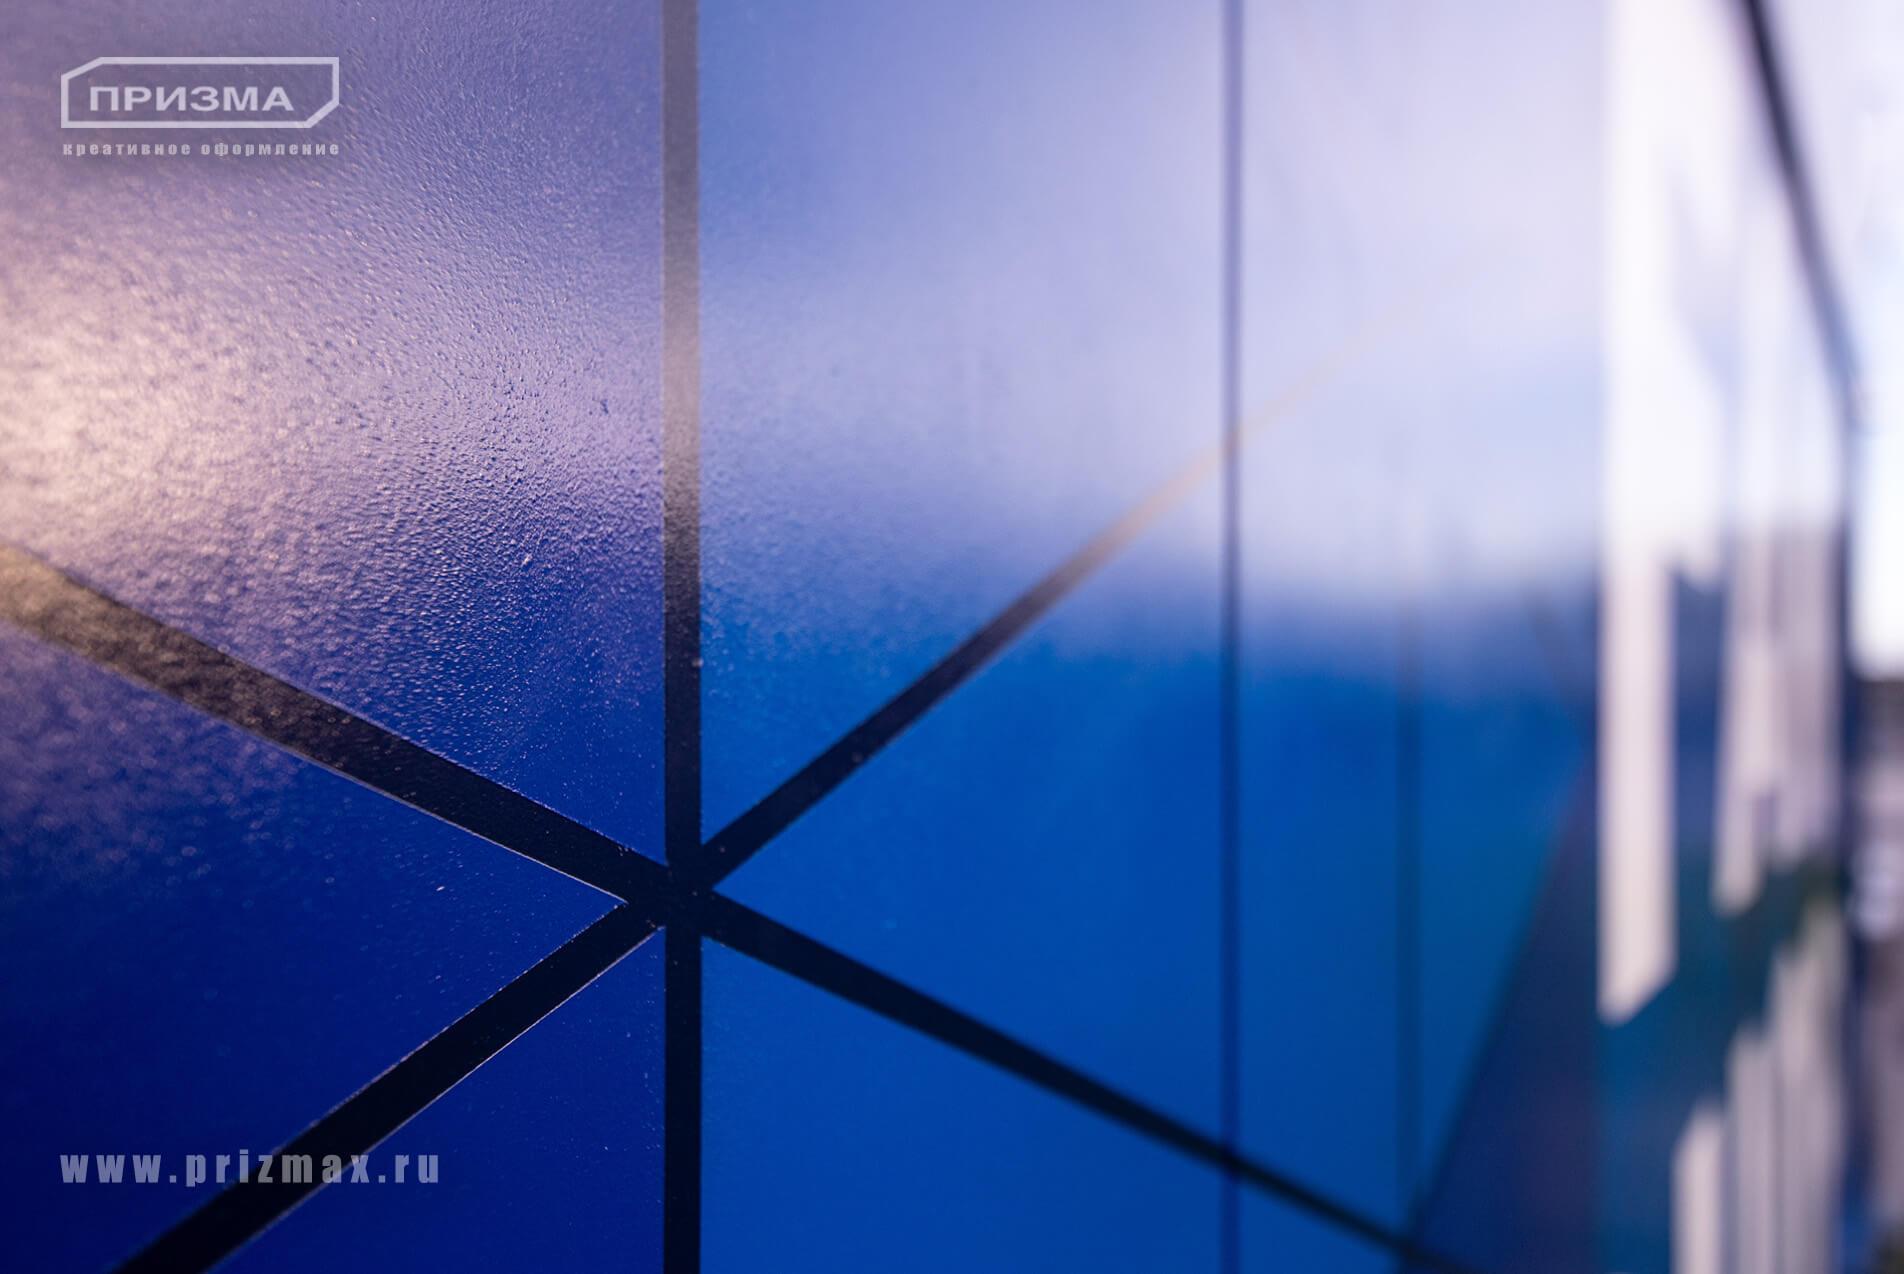 роспись контейнера - геометрия